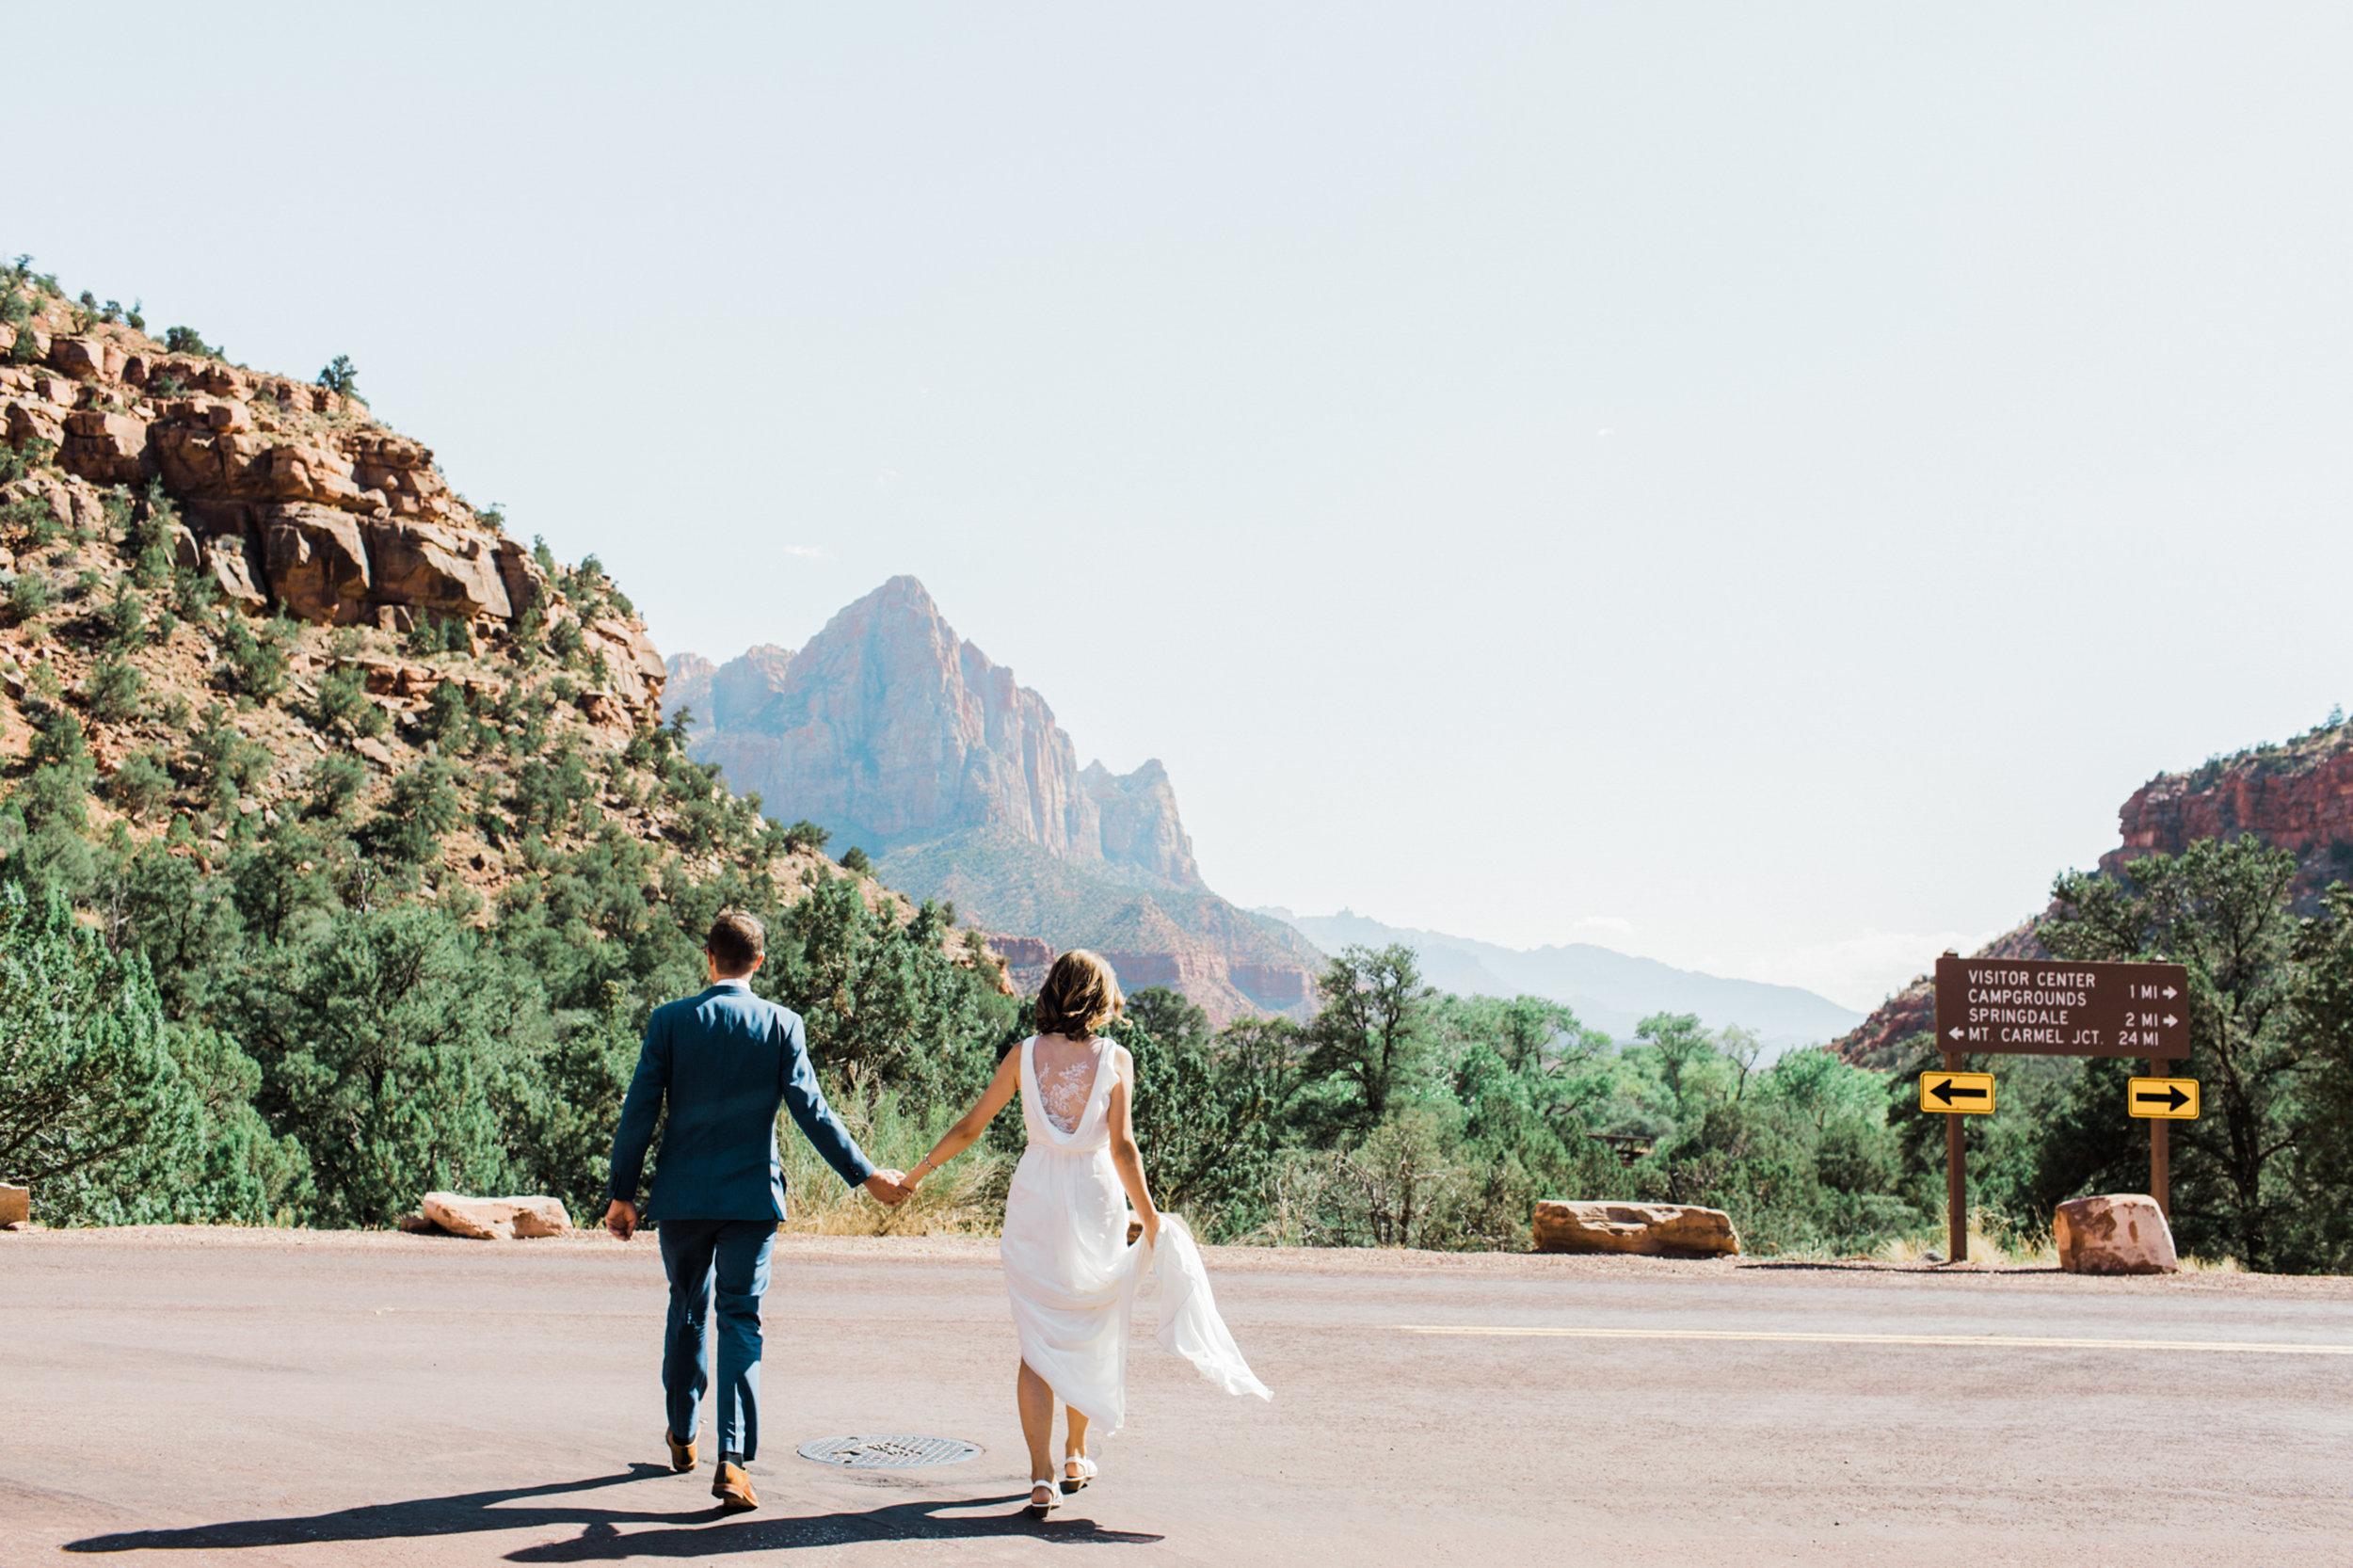 Ursula-Ernie-Zion-Wedding-MFELT-47.jpg